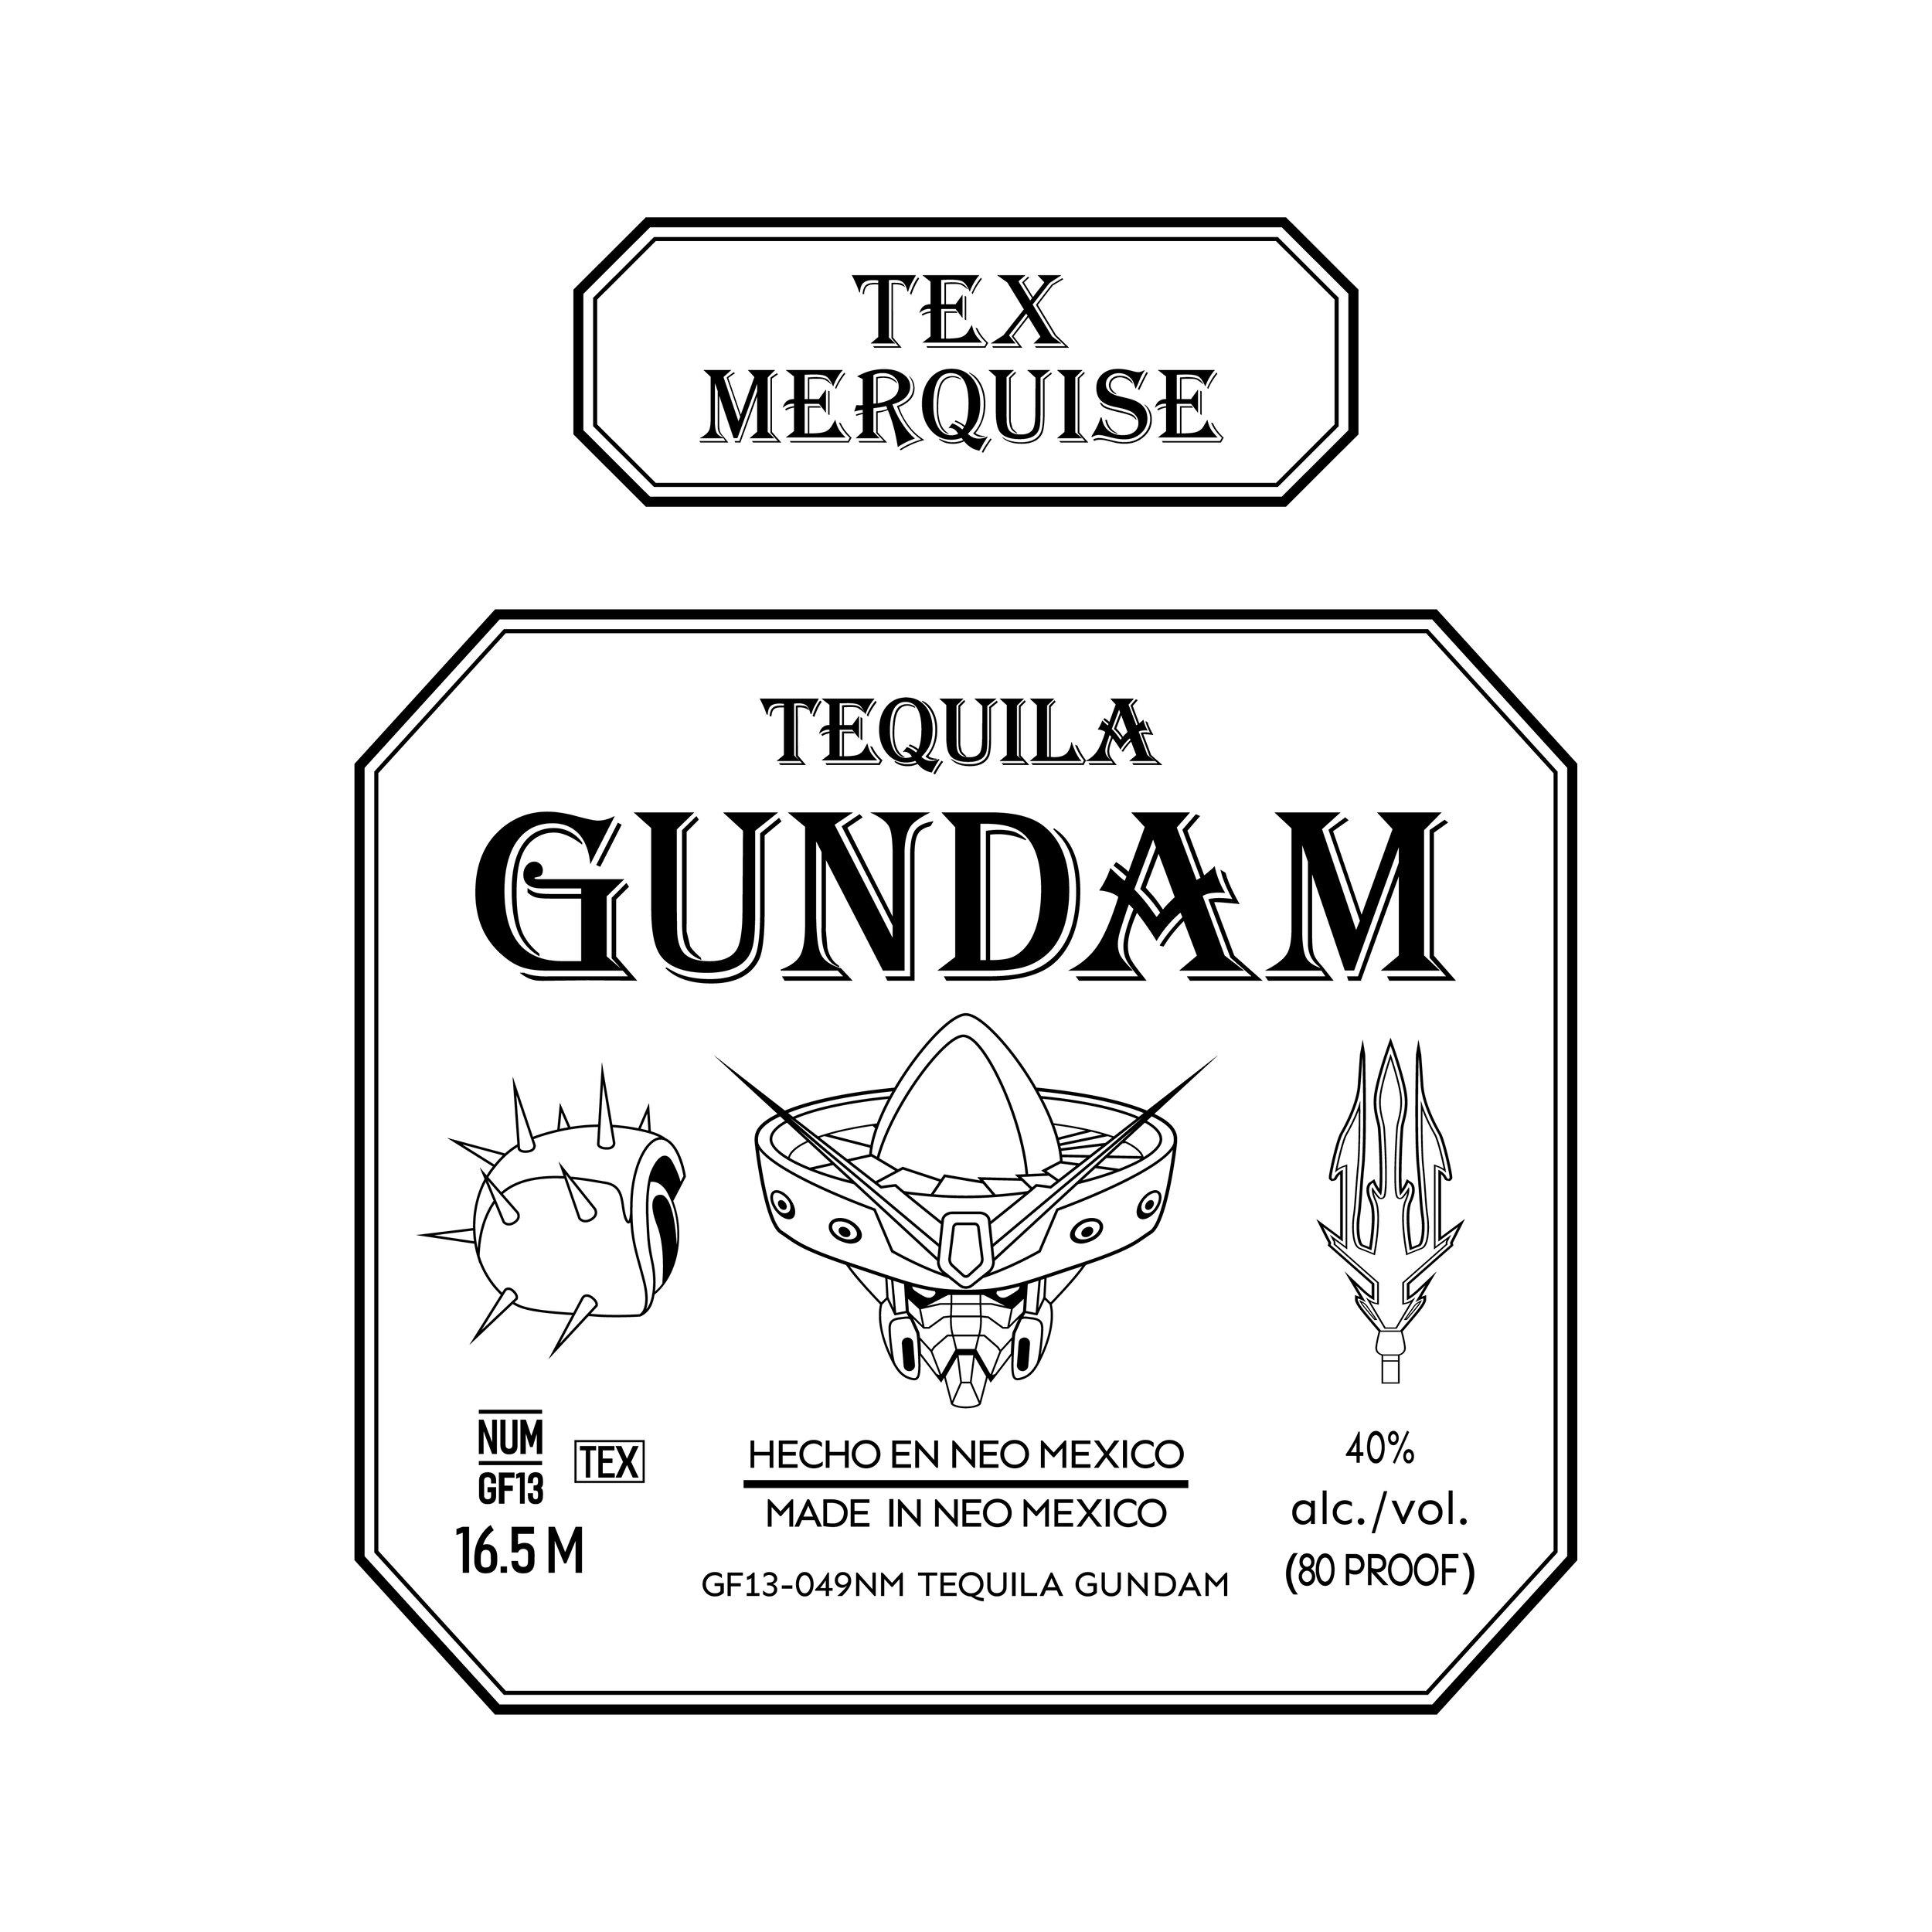 Tequila Gundam Label Graphic